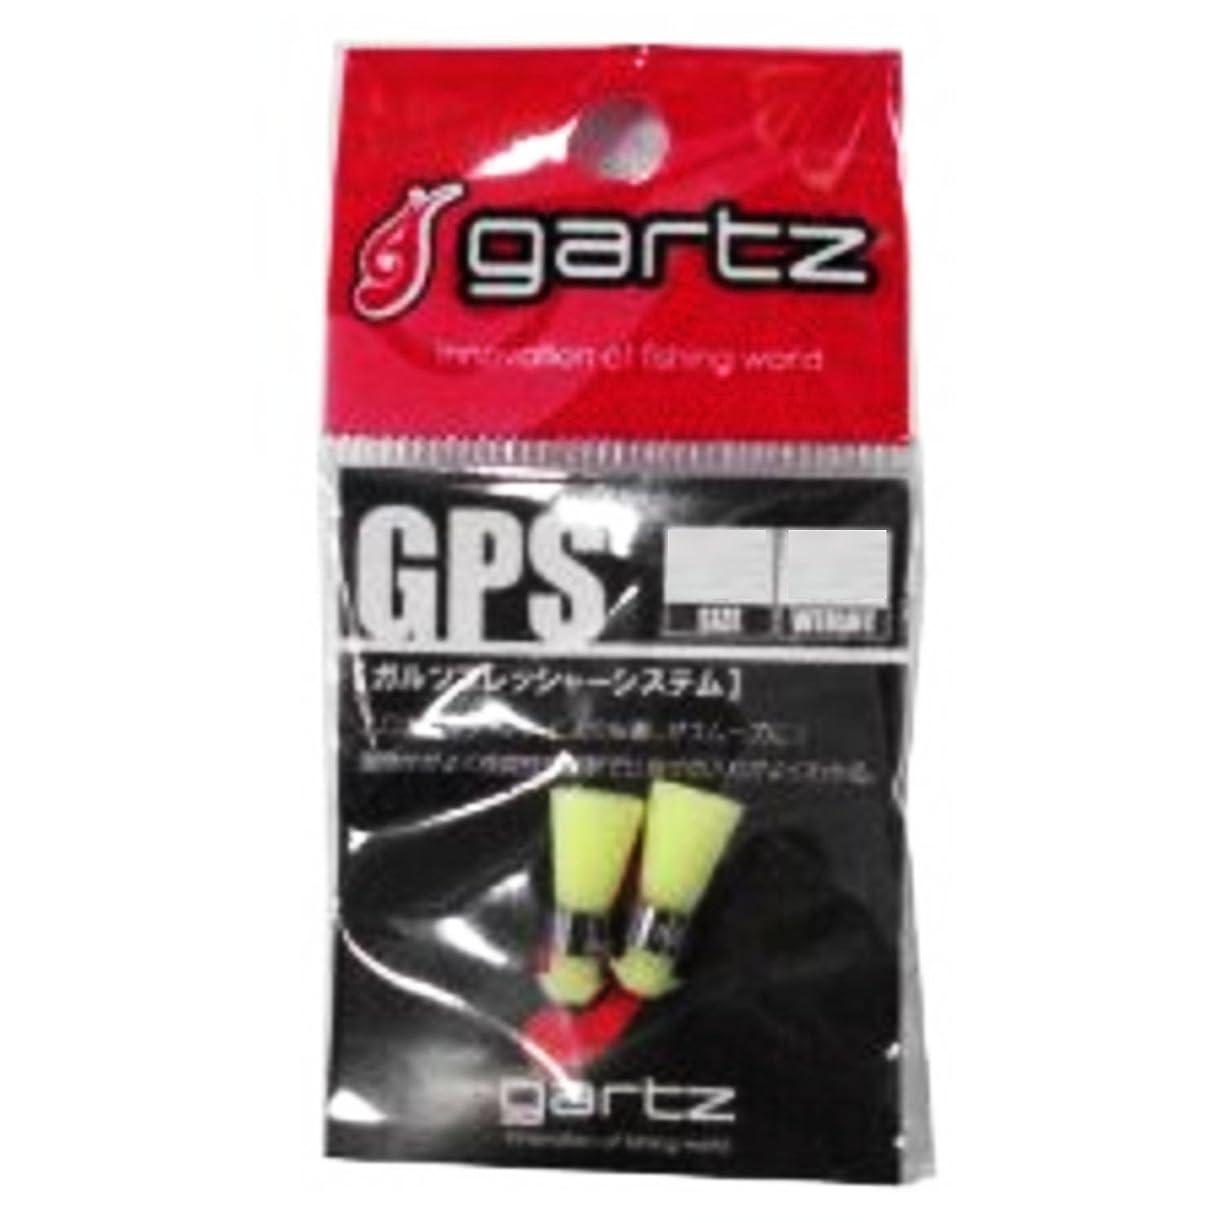 バス従者慣れるガルツ(gartz) GPS(ガルツ プレッシャーシステム) M-B